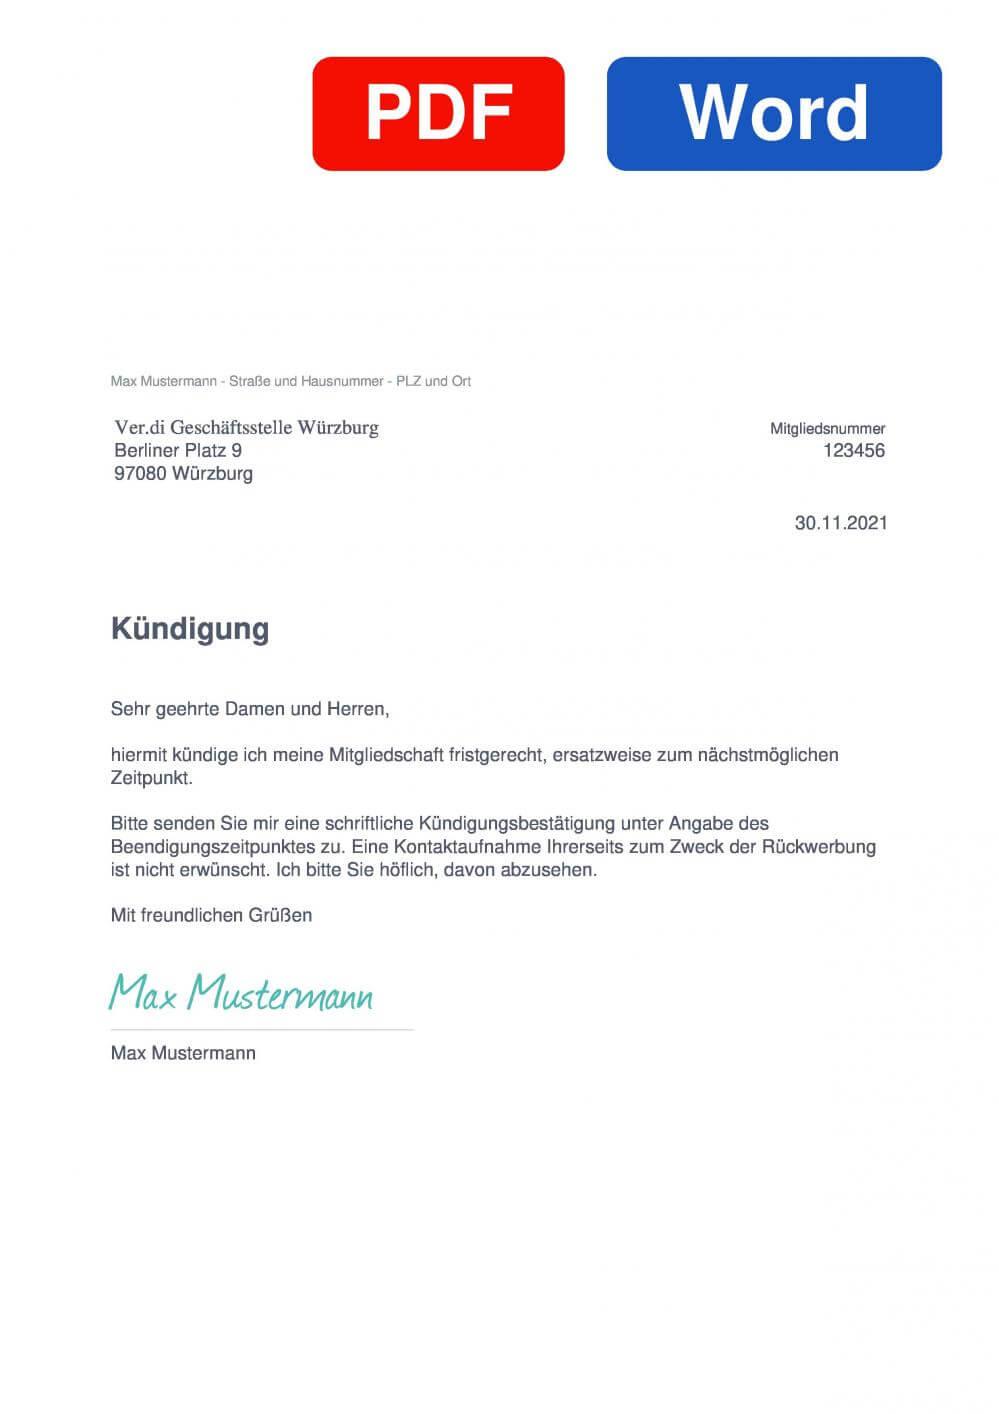 Verdi Würzburg Muster Vorlage für Kündigungsschreiben